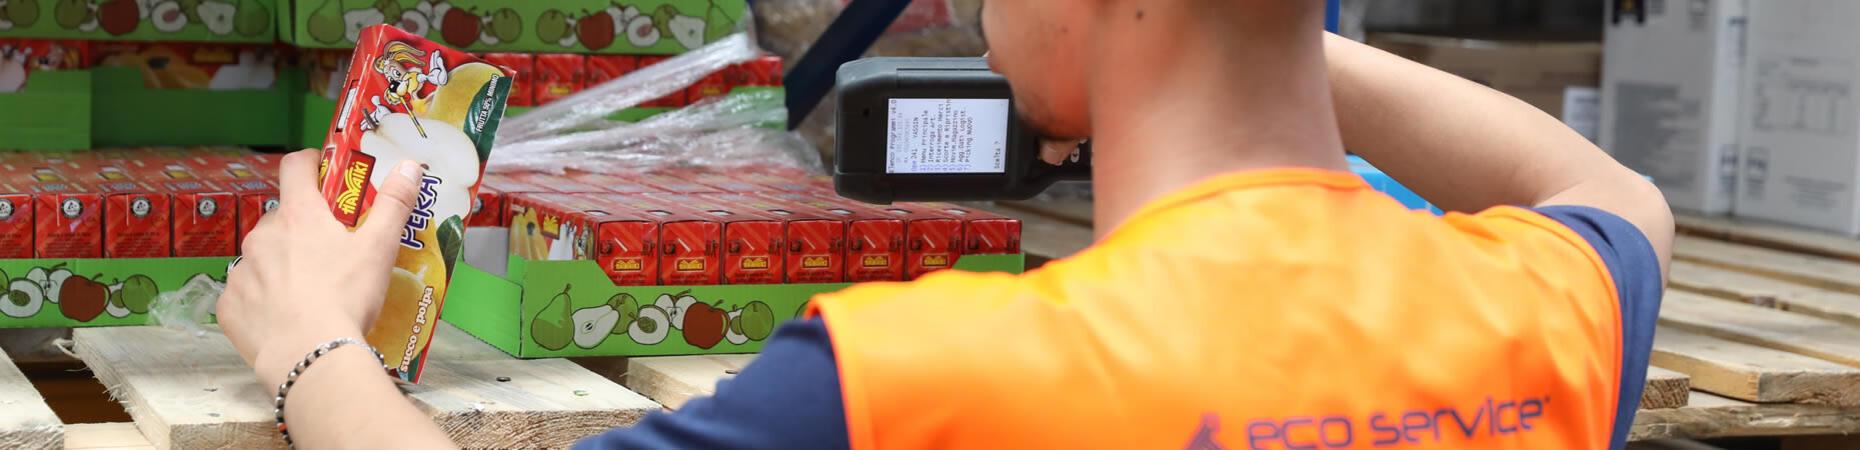 ecoservice-pesaro it logistica-settore-beverage-pesaro 005